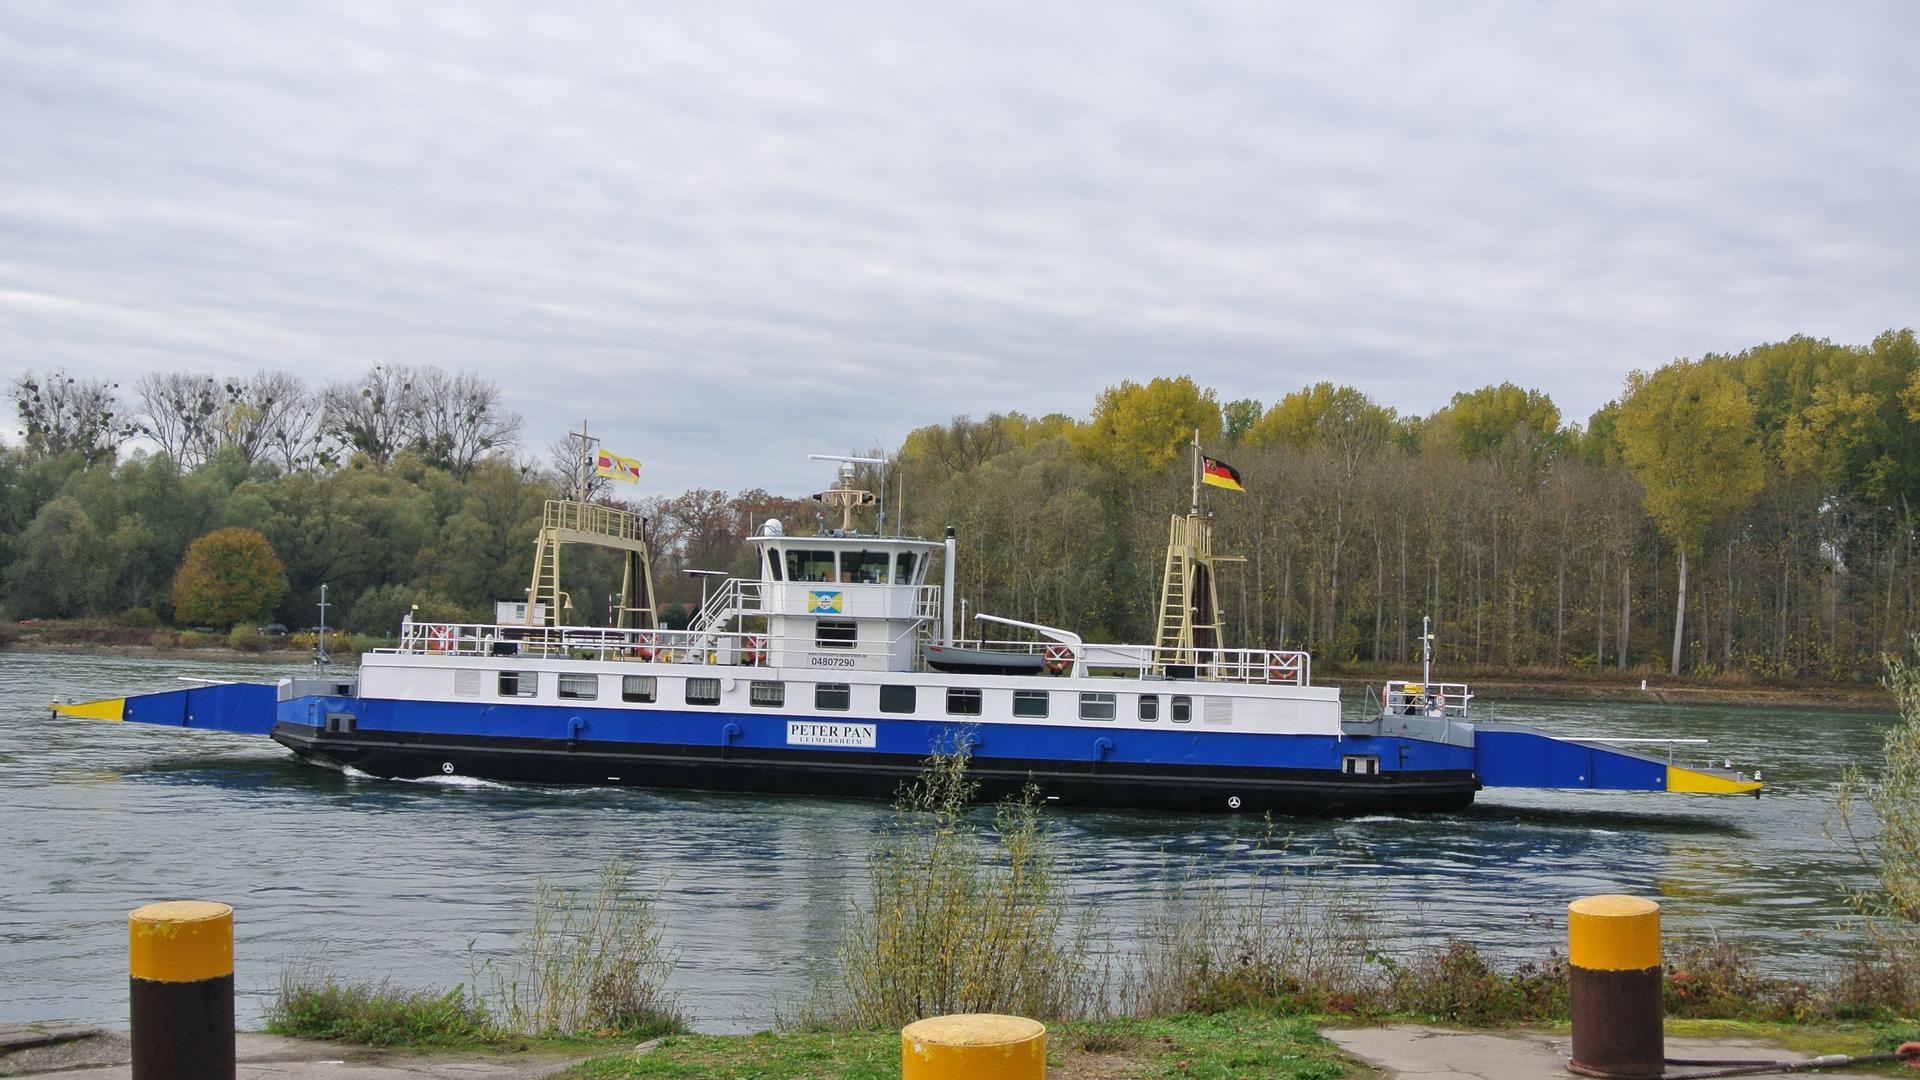 Imposanter Anblick: Die blau-weiß-gelbe Peter Pan mit der badischen und der deutschen Fahne pflügt unermüdlich durch den Rhein. Im Bild der Blick von baden-württembergischer  Seite, also von Leopoldshafen, aus.